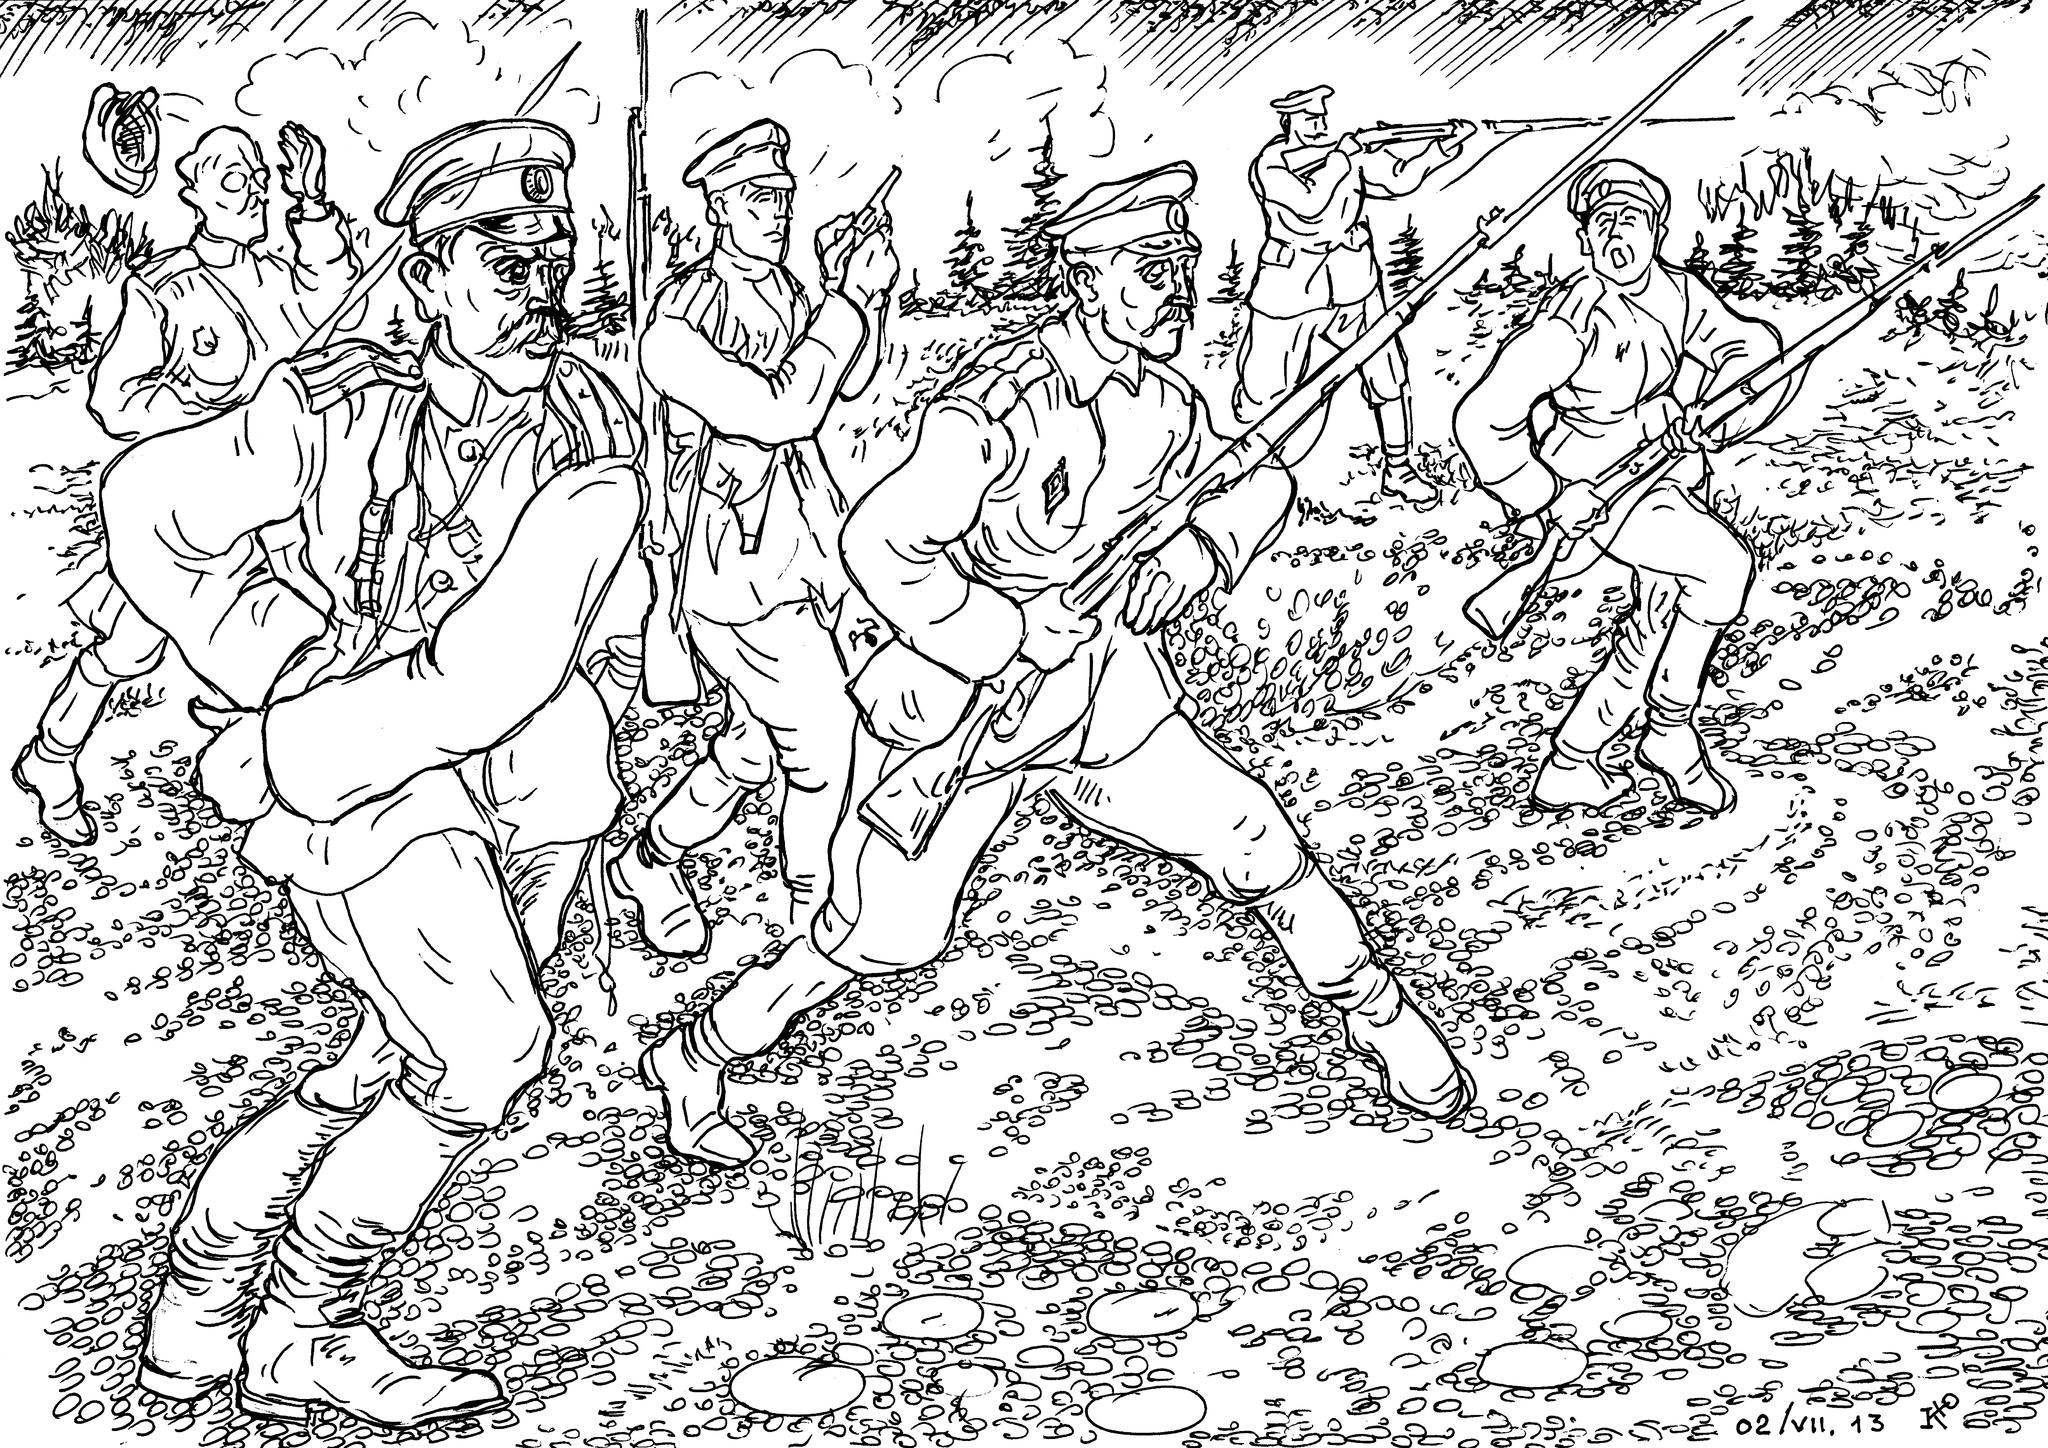 К концу войны, в рядах Русской армии насчитывалось только 4% офицеров с довоенным образованием